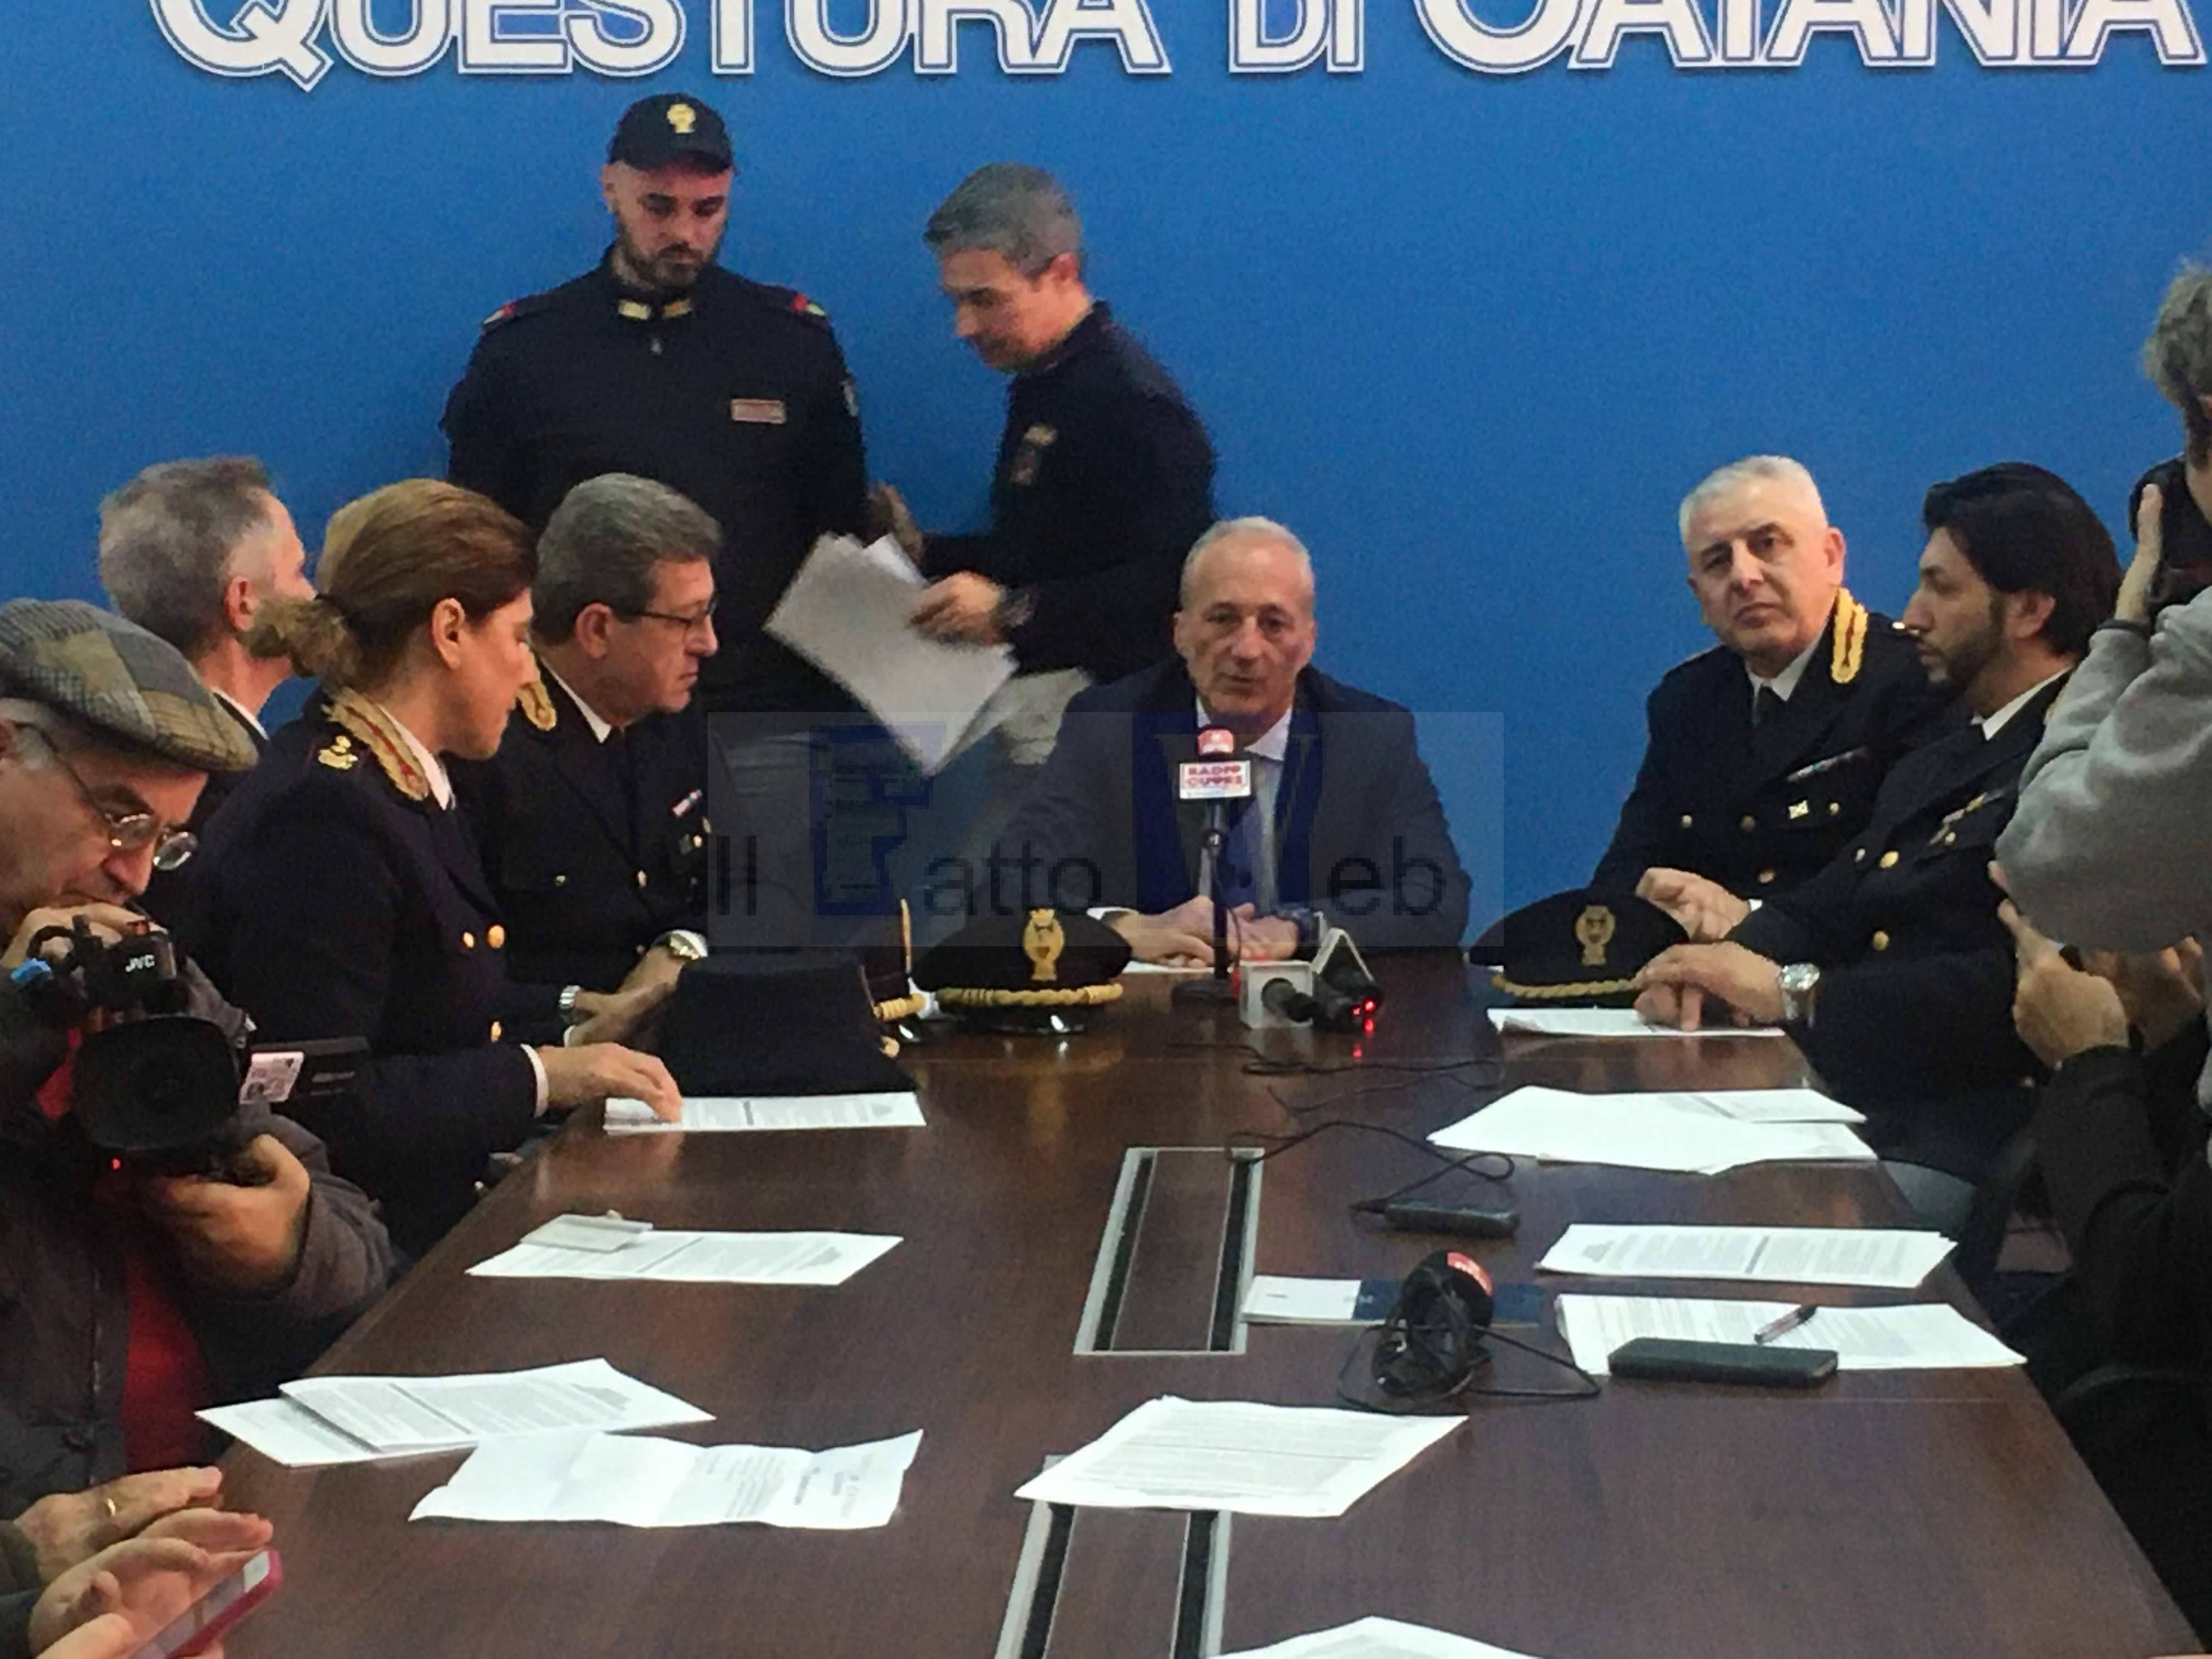 Polizia di Stato: il consuntivo del 2019 trend positivo per la lotta contro il crimine